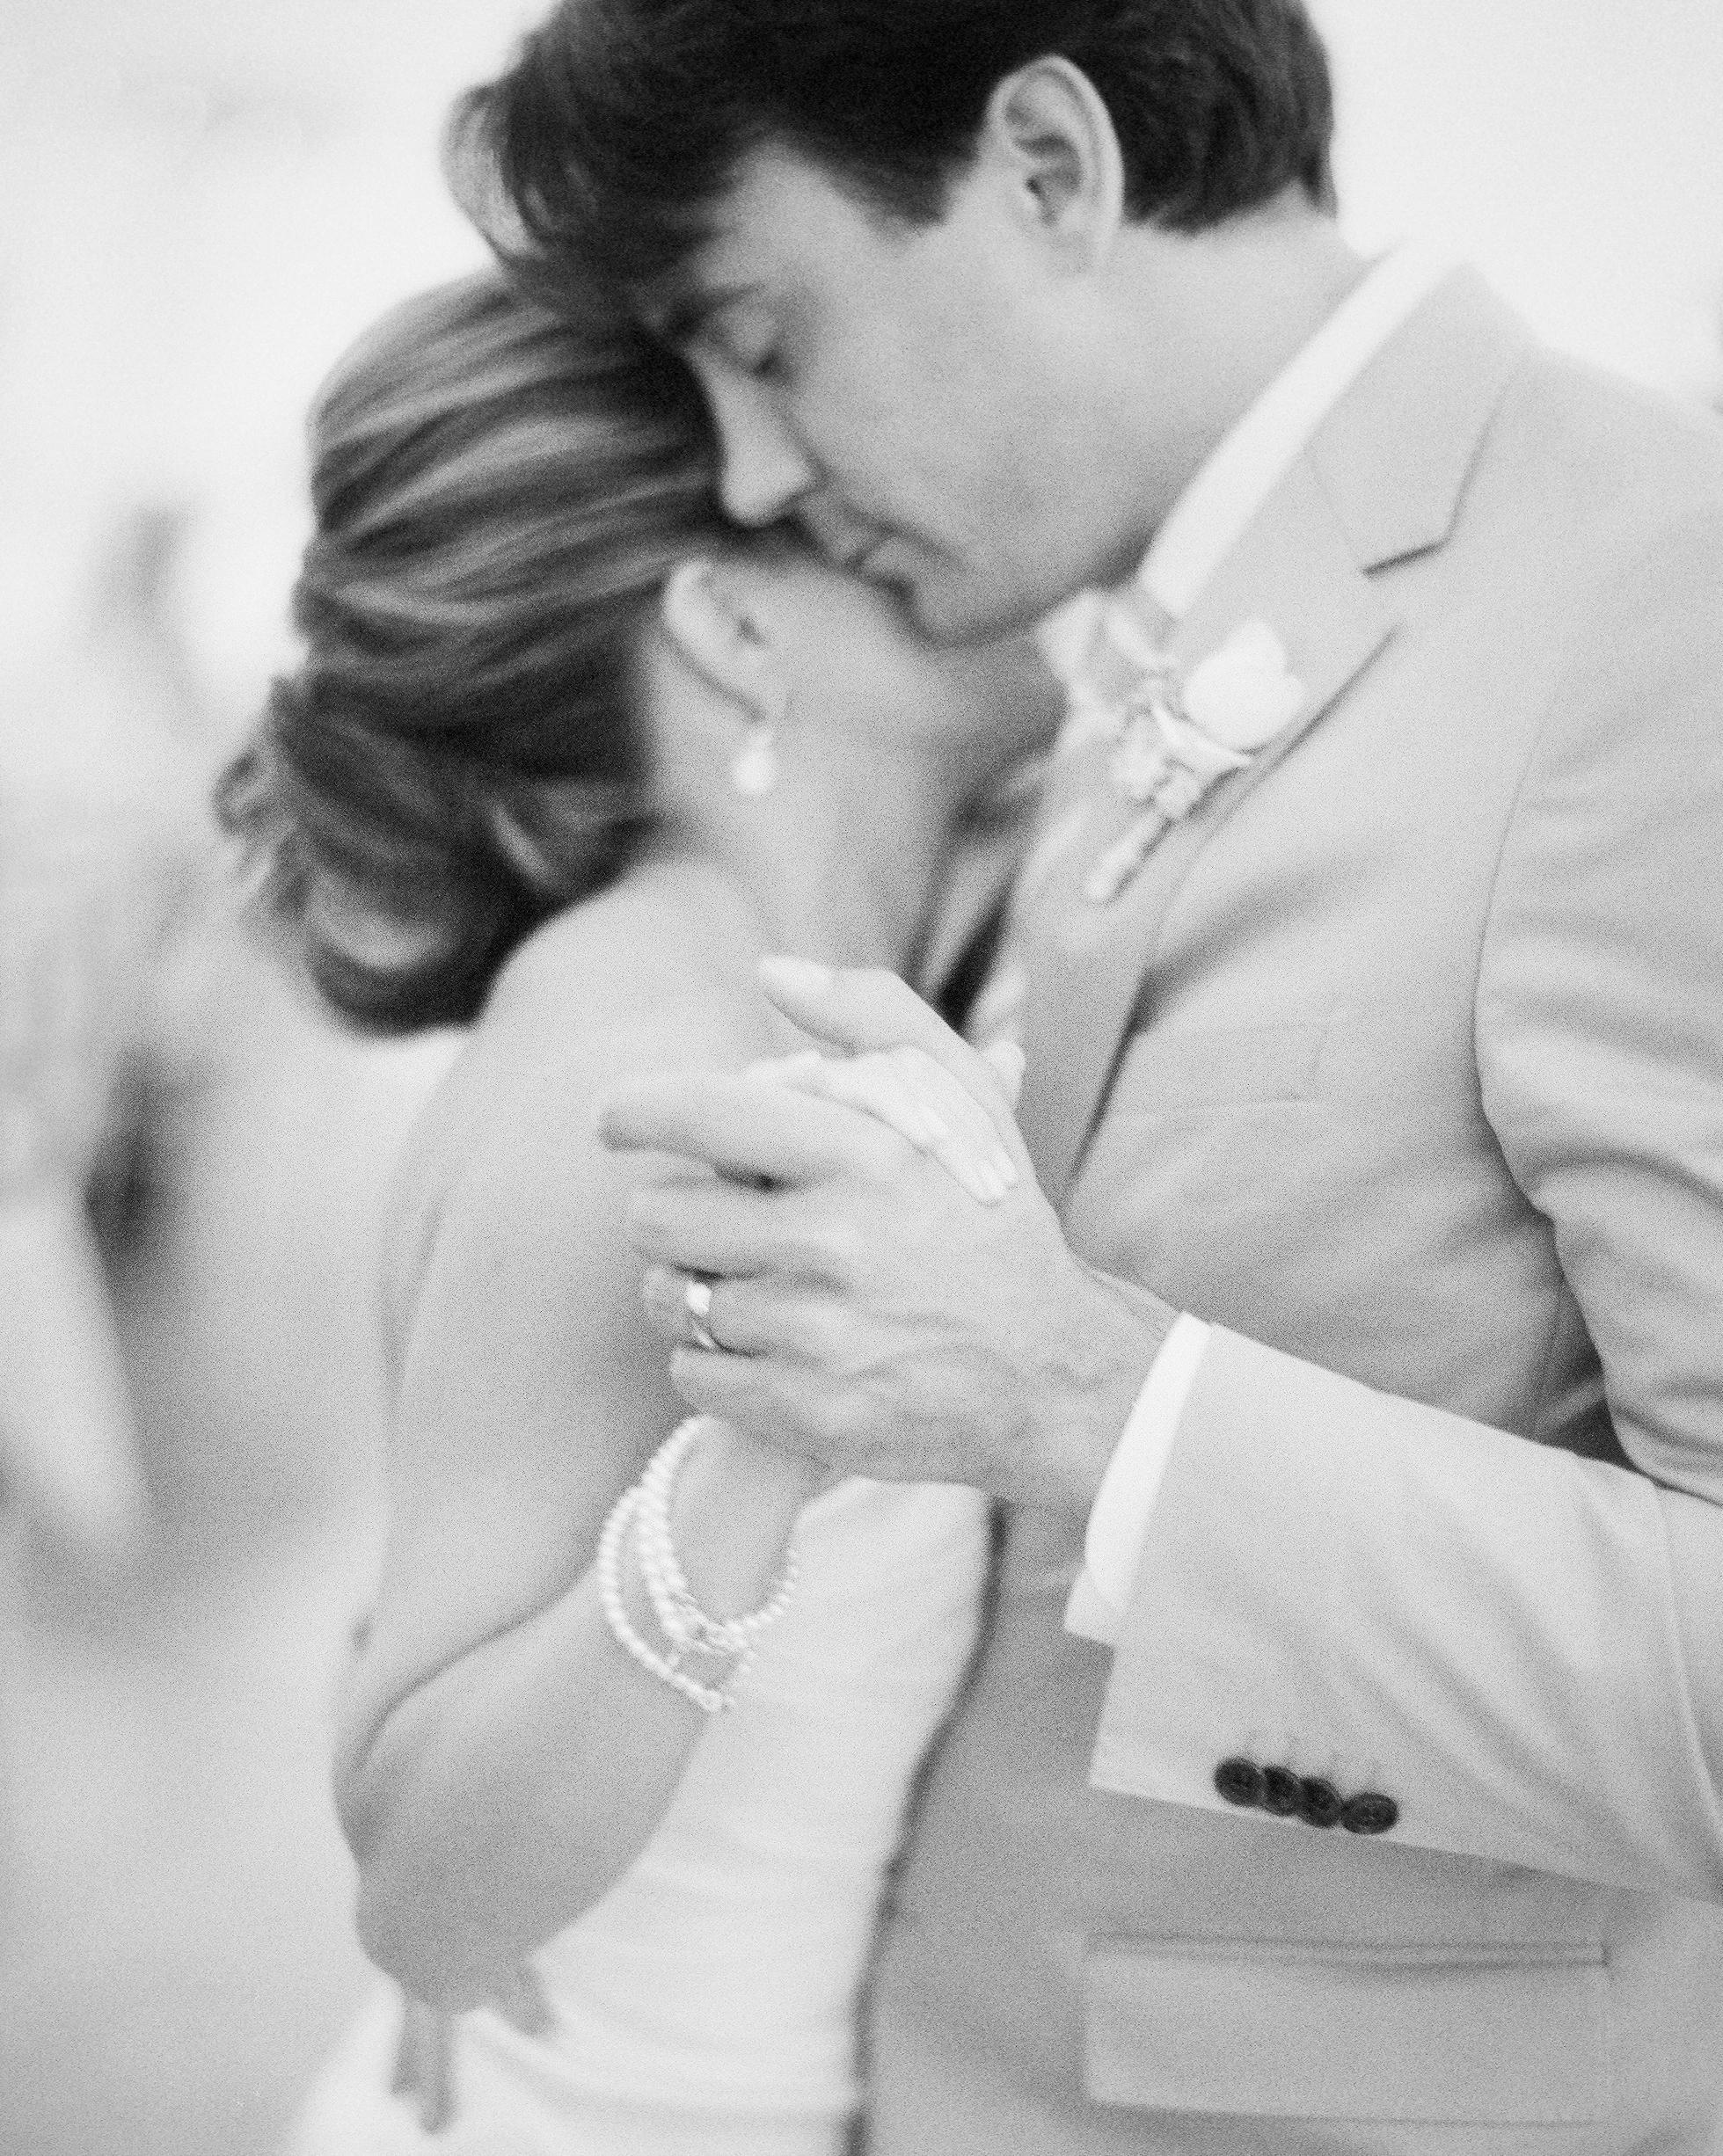 joanna-kyle-real-wedding-29450013-d111223-0814.jpg